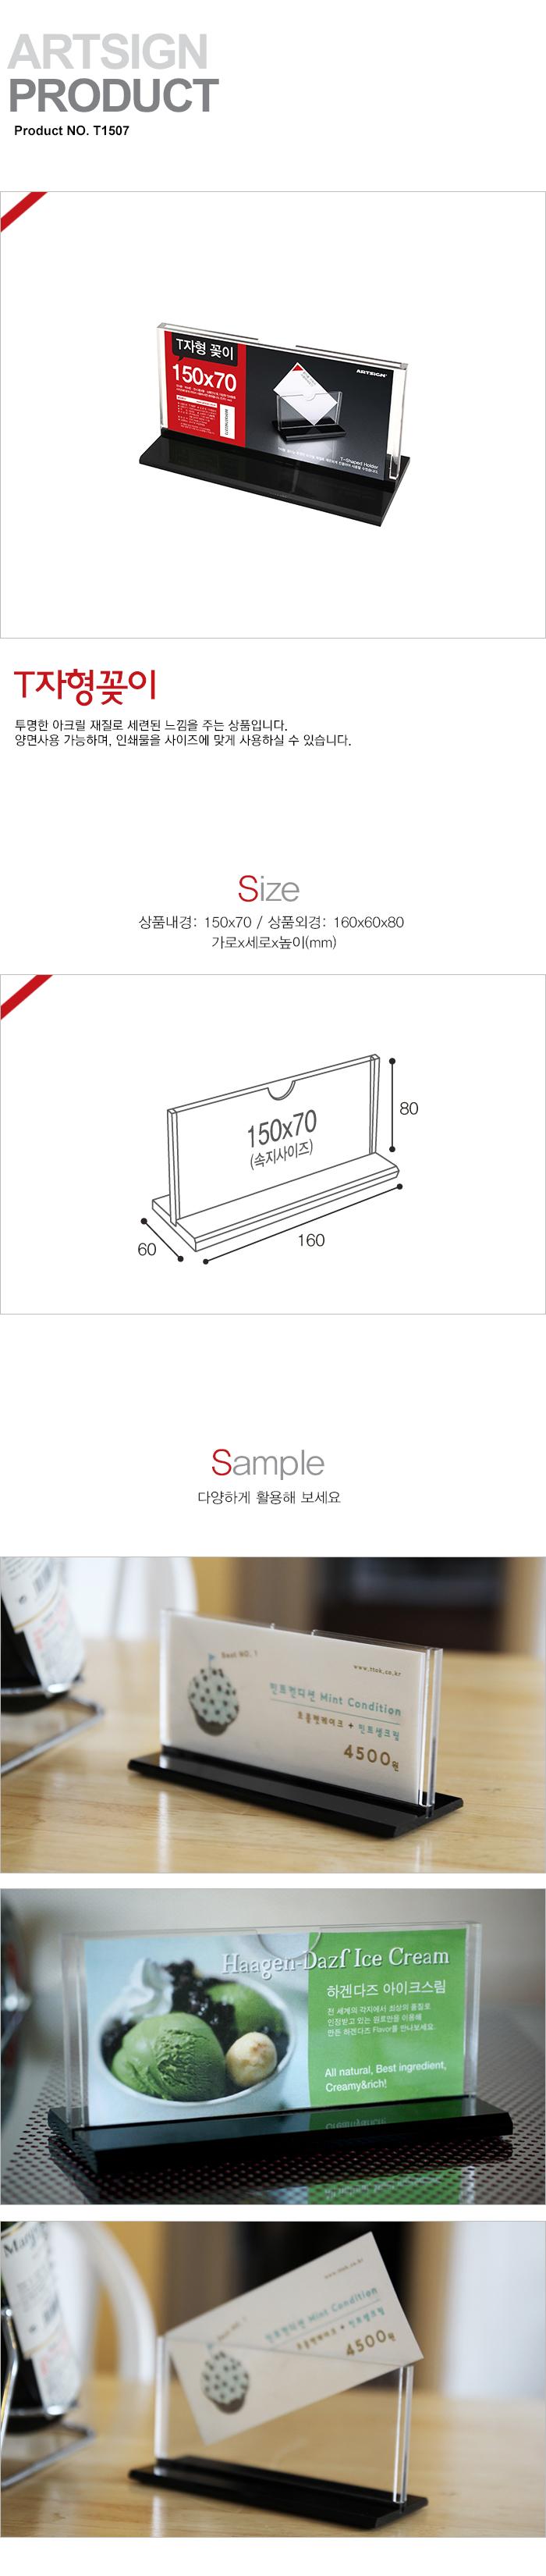 아트사인 T자형꽂이 150x70(mm) T1507 - 아트사인, 7,200원, 데스크정리, 명함/메모 홀더